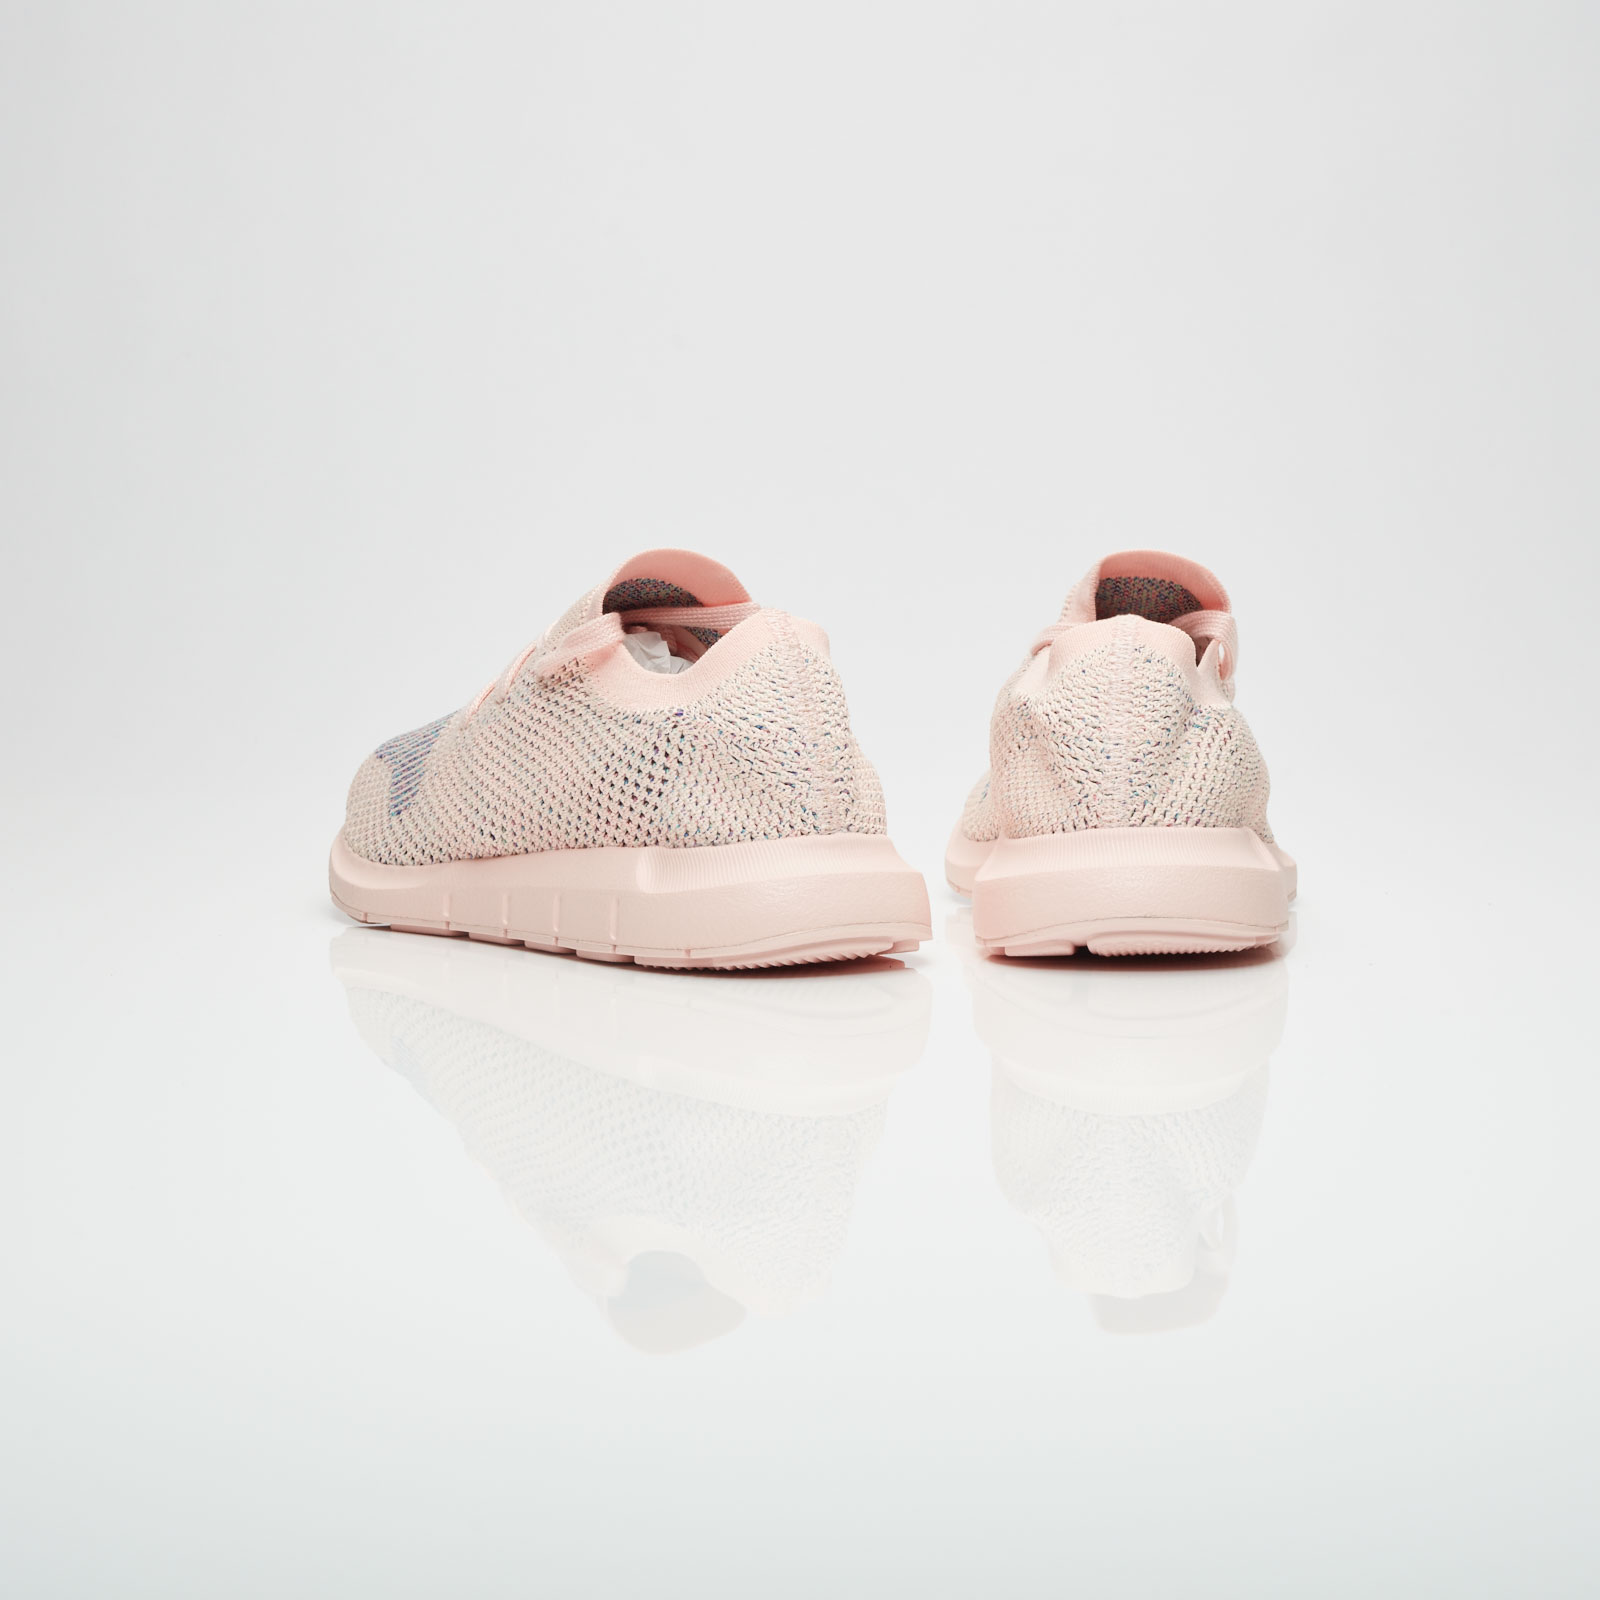 e1eee3023d42 adidas Originals Swift Run PK W adidas Originals Swift Run PK W ...